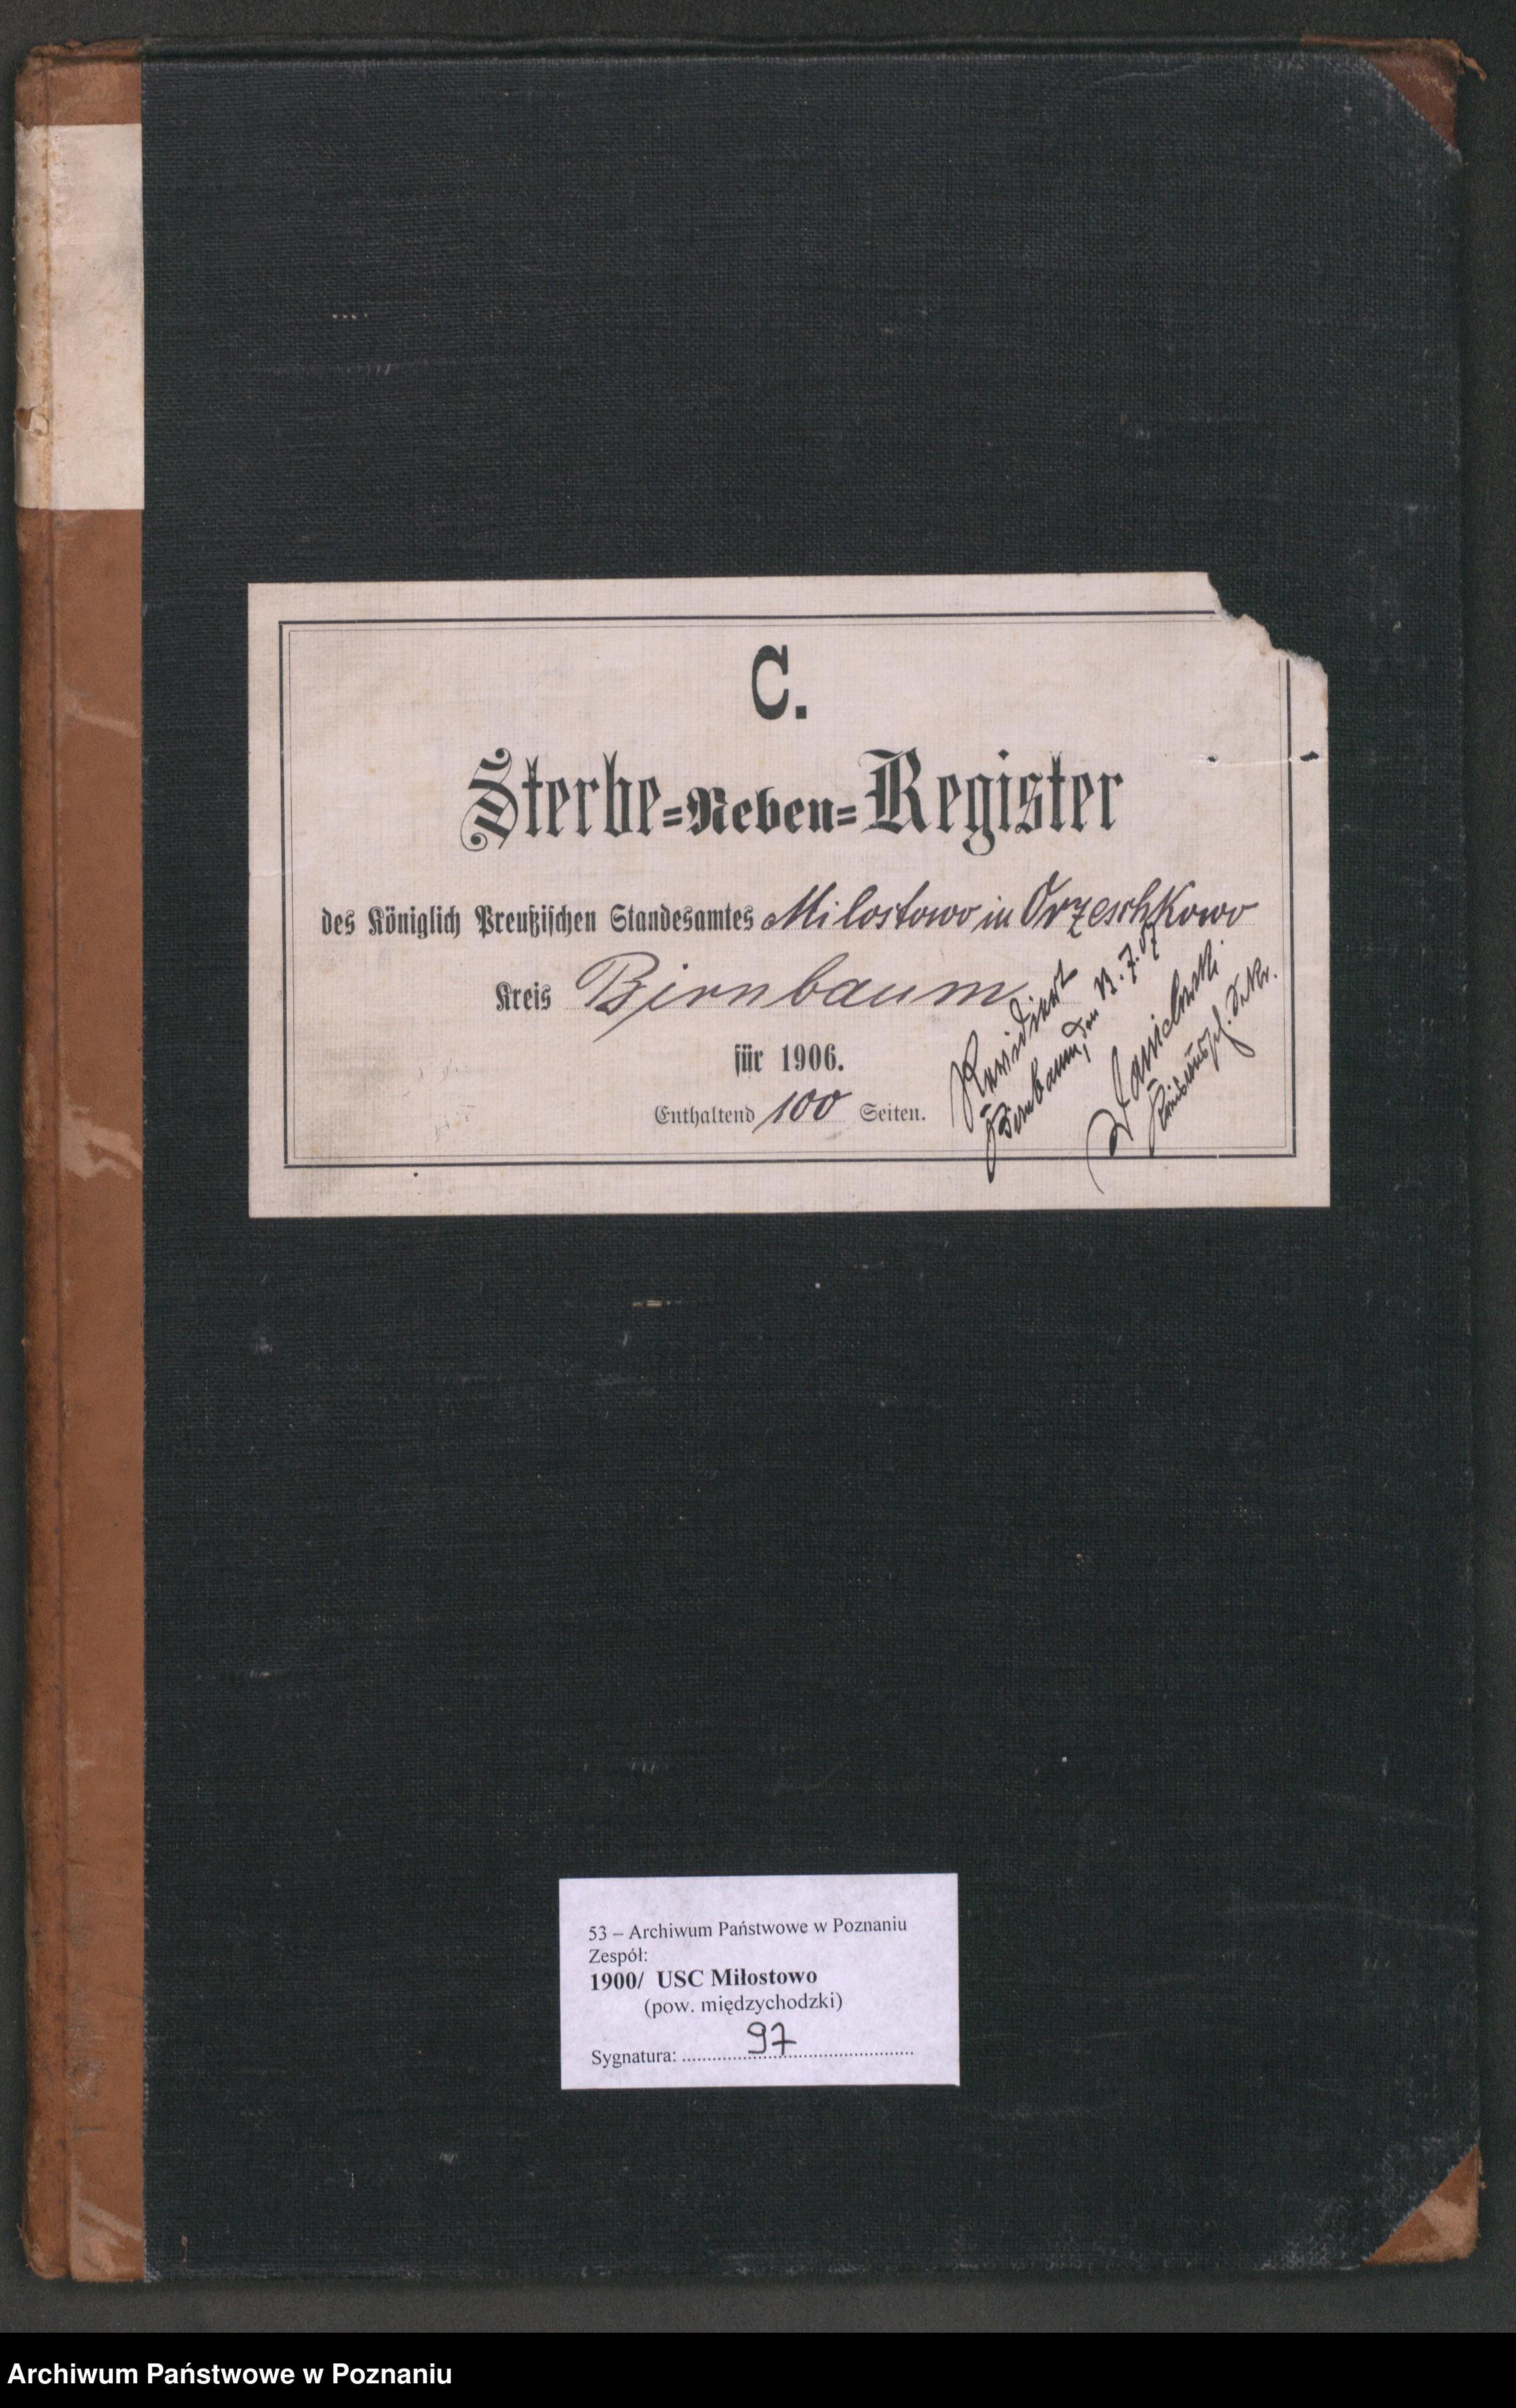 Skan z jednostki: Sterbe-Neben-Register